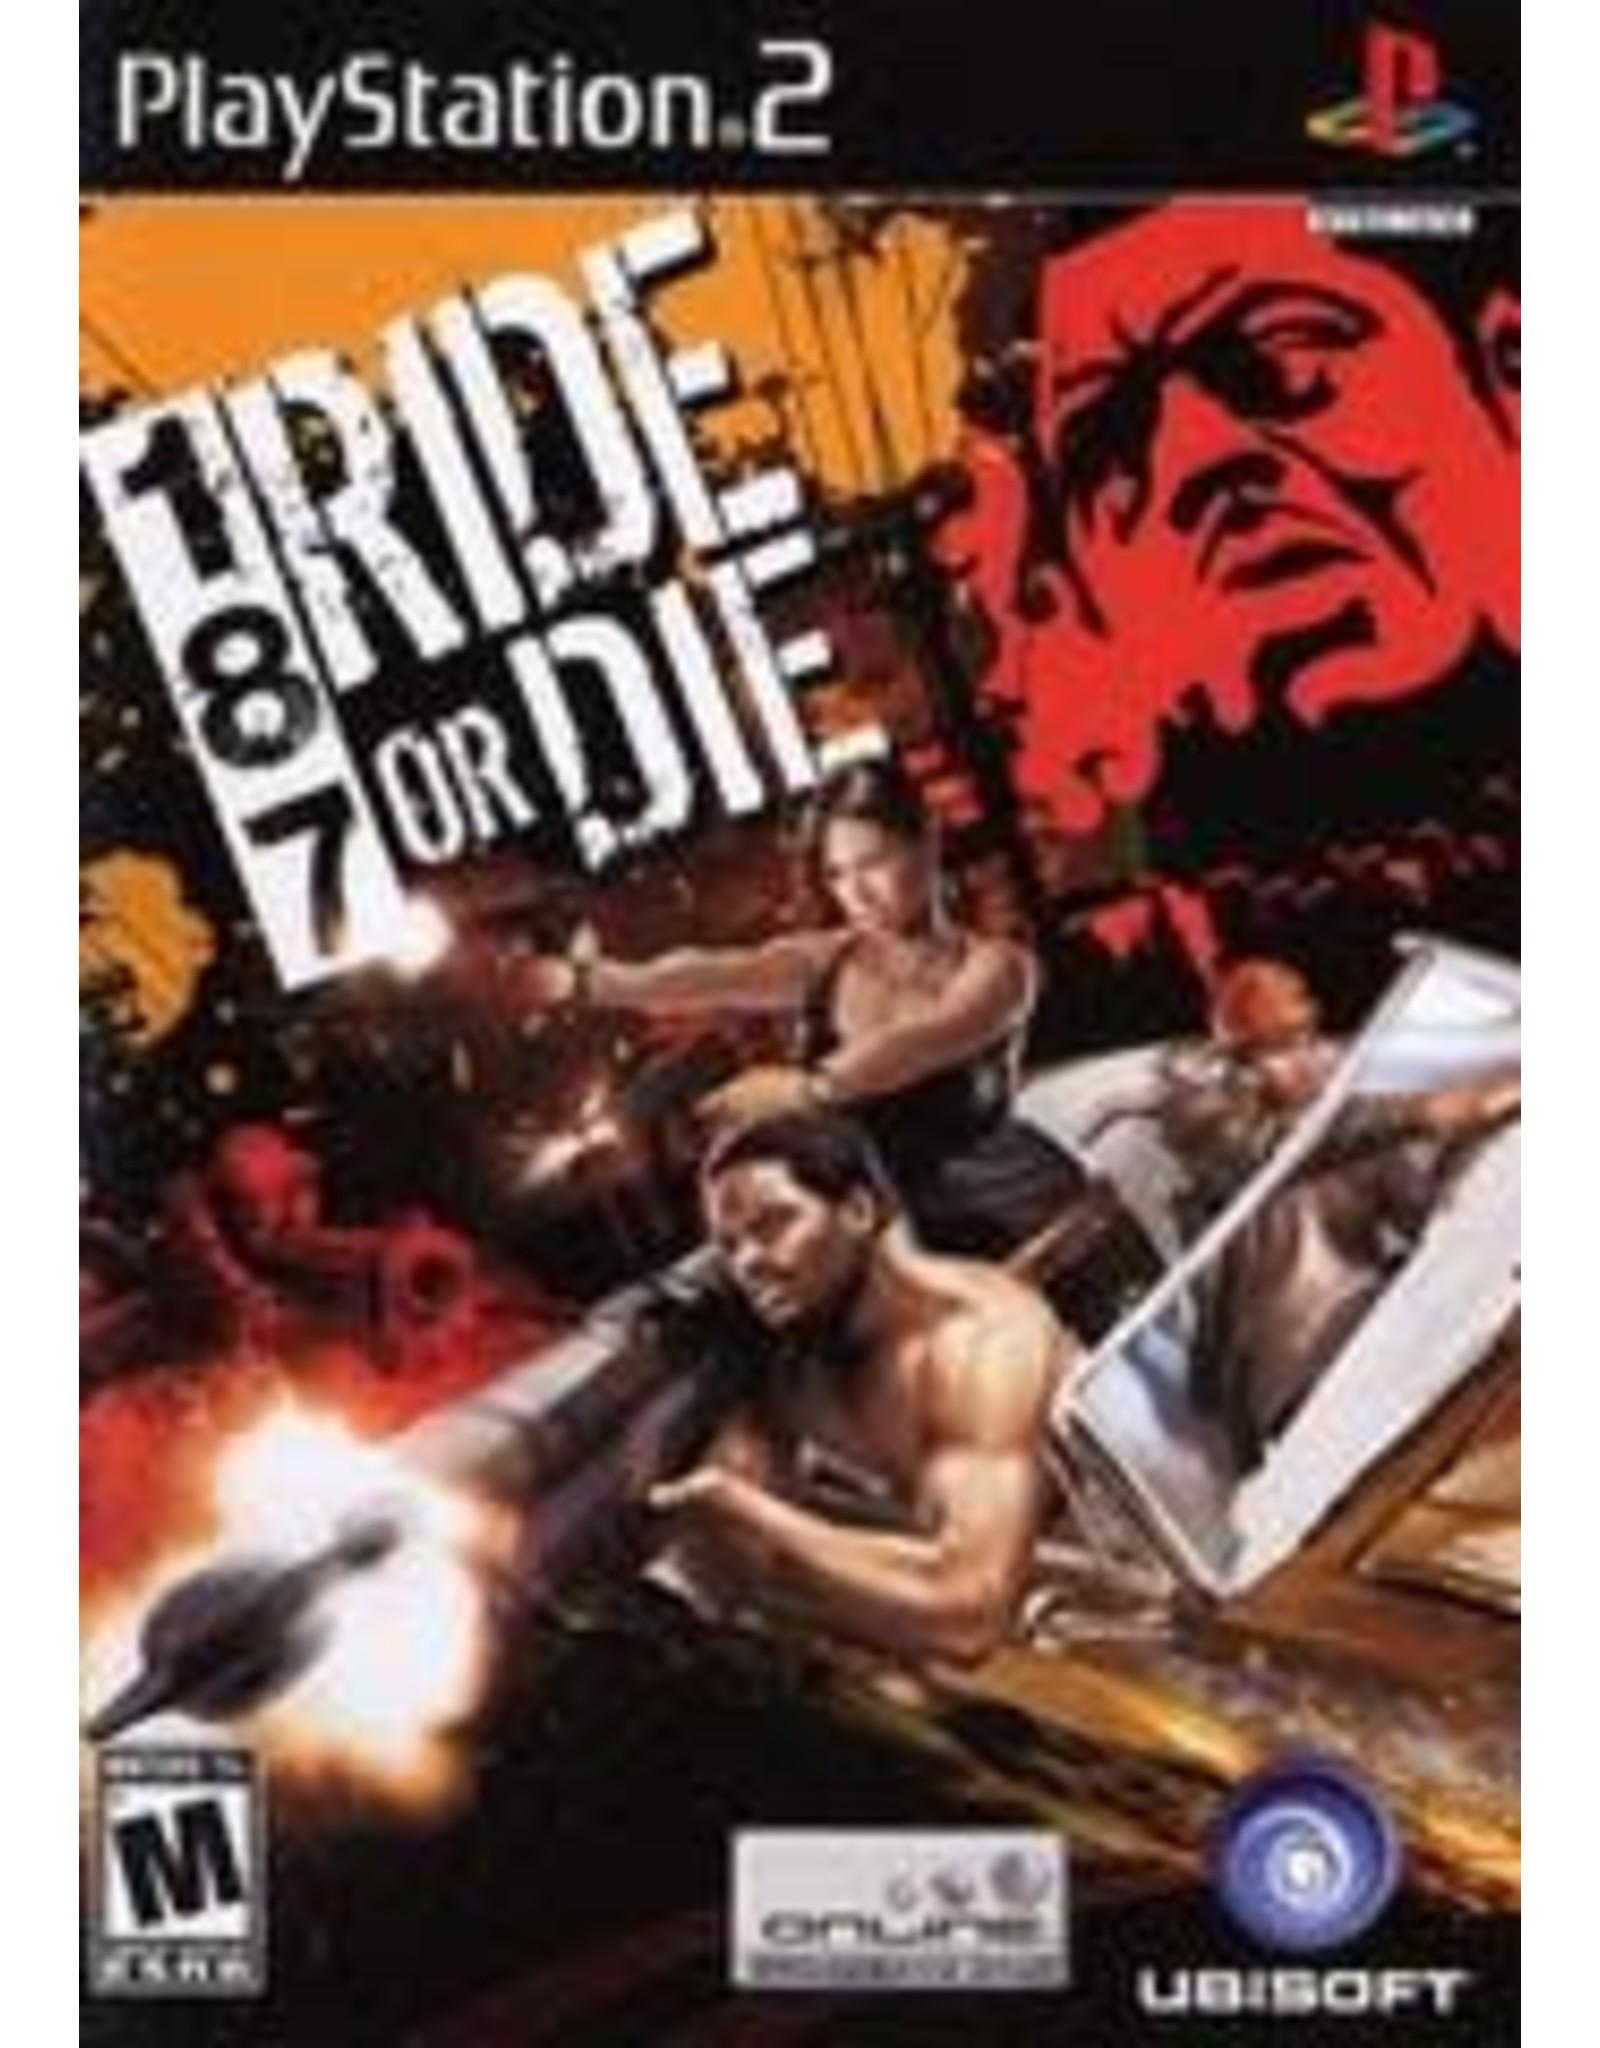 Playstation 2 187 Ride or Die (CiB)